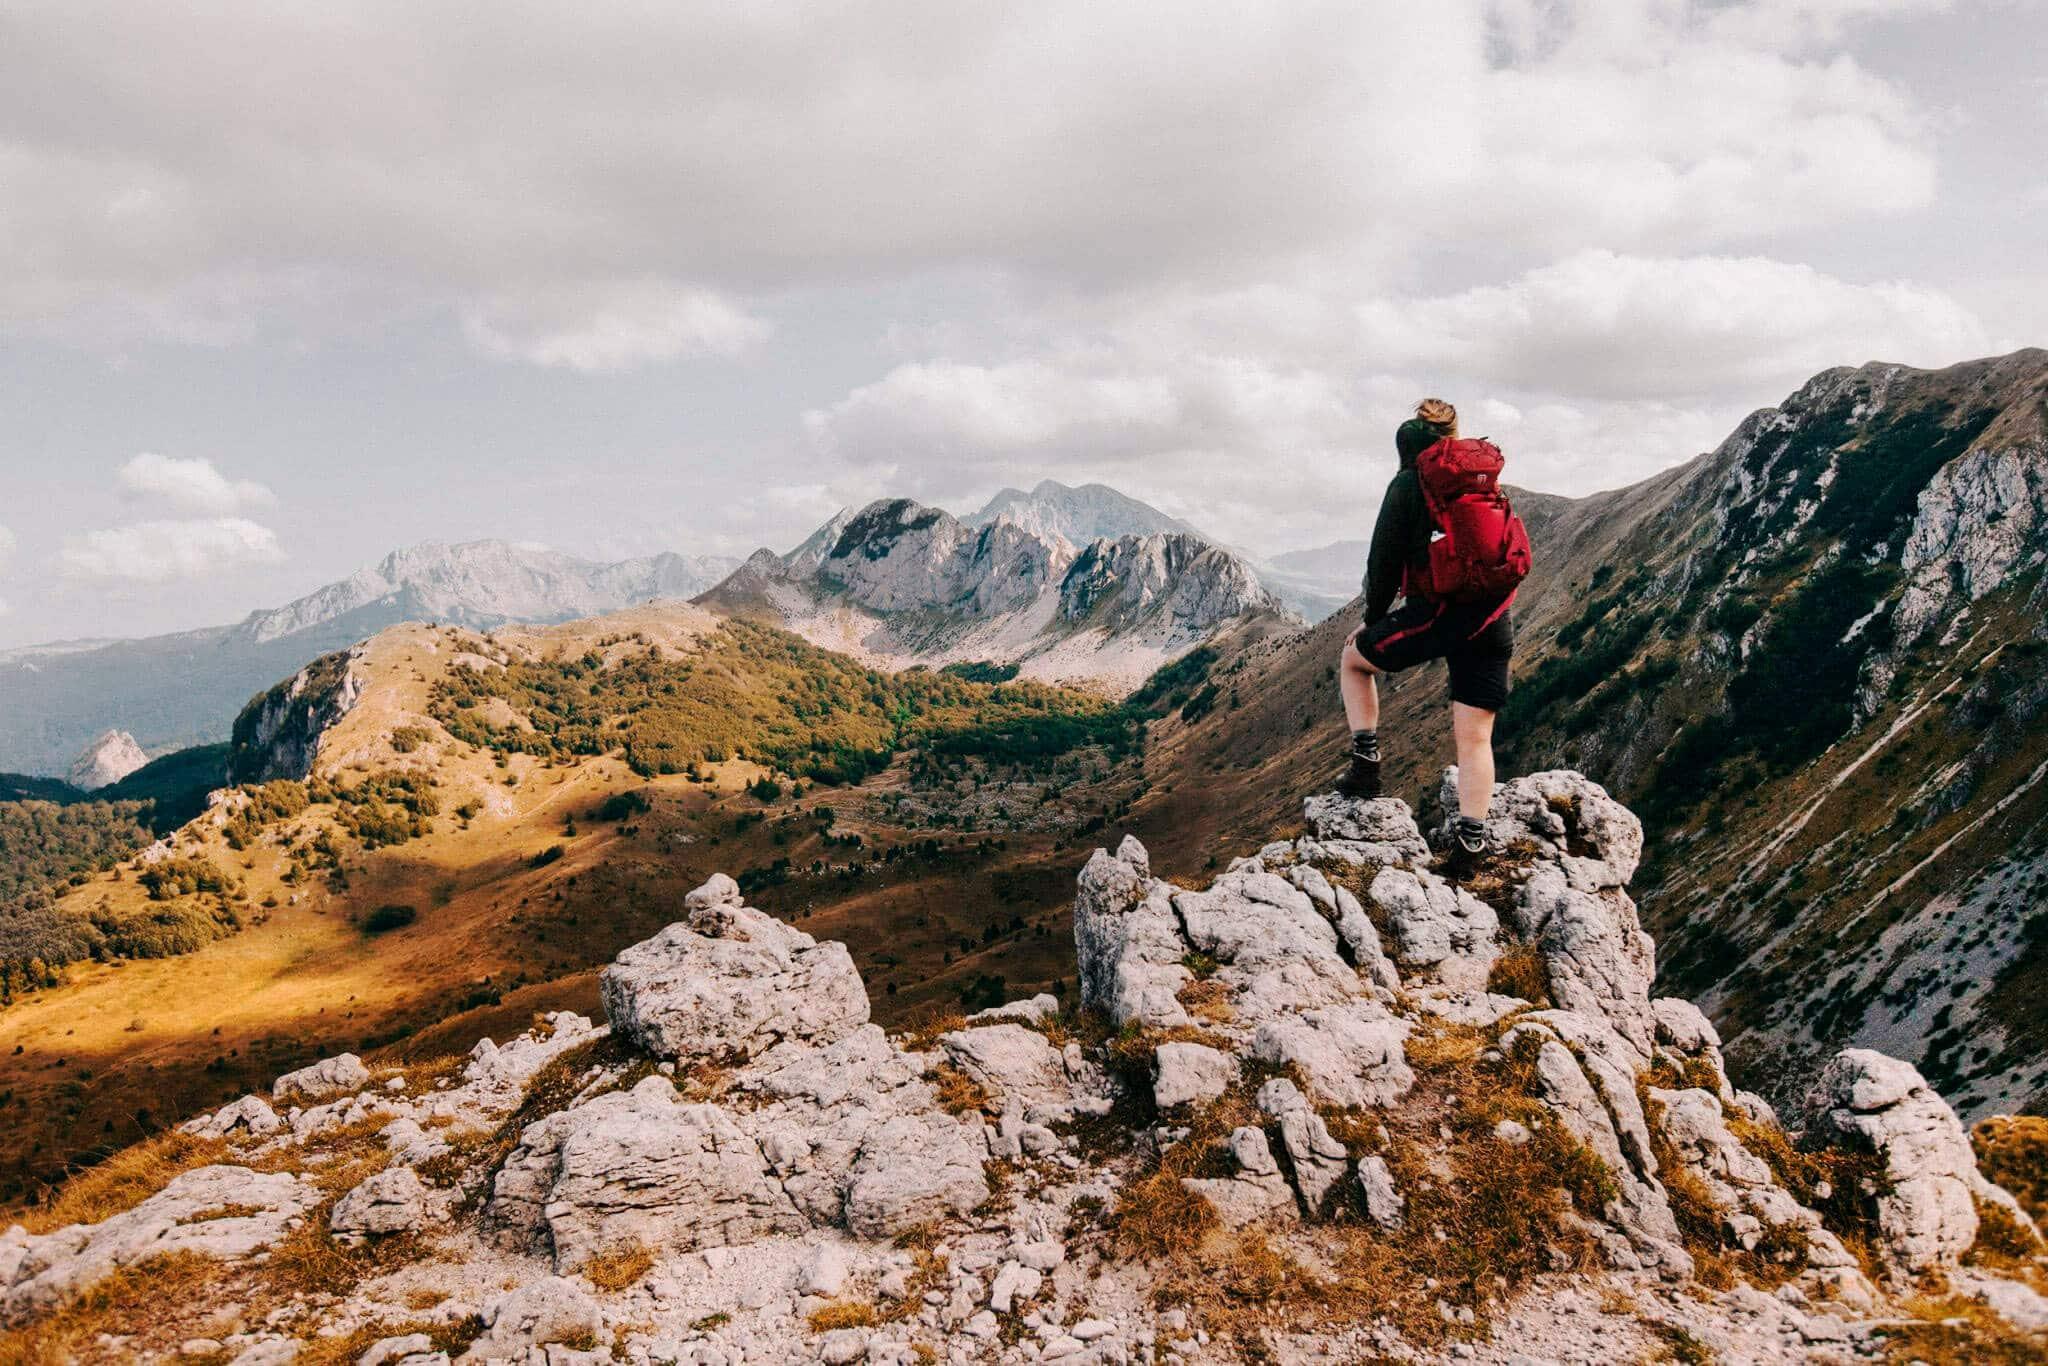 Sutjeskan kansallispuisto